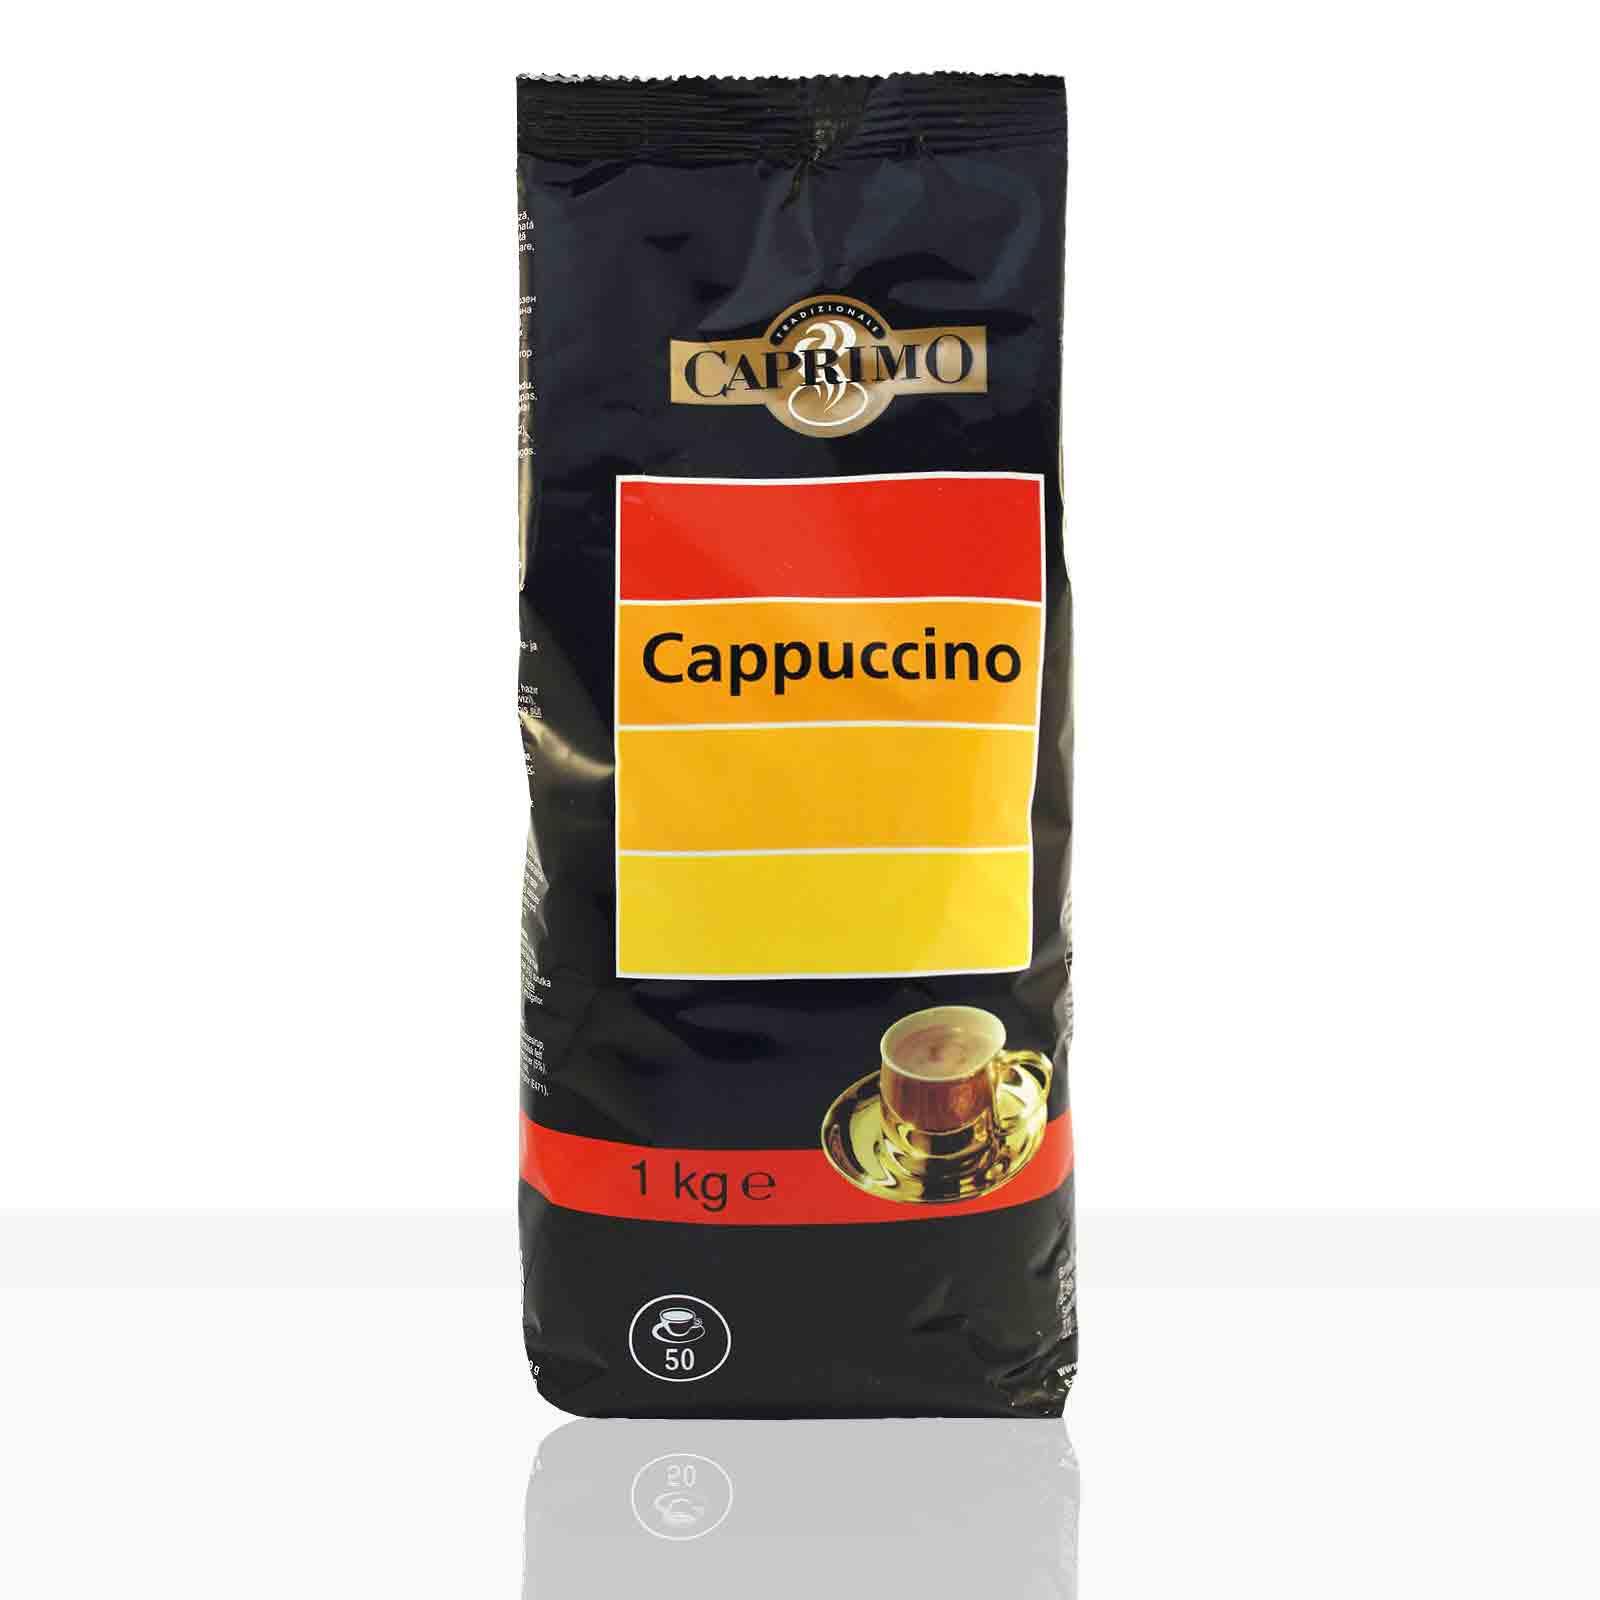 Caprimo Cappuccino Choco 1kg